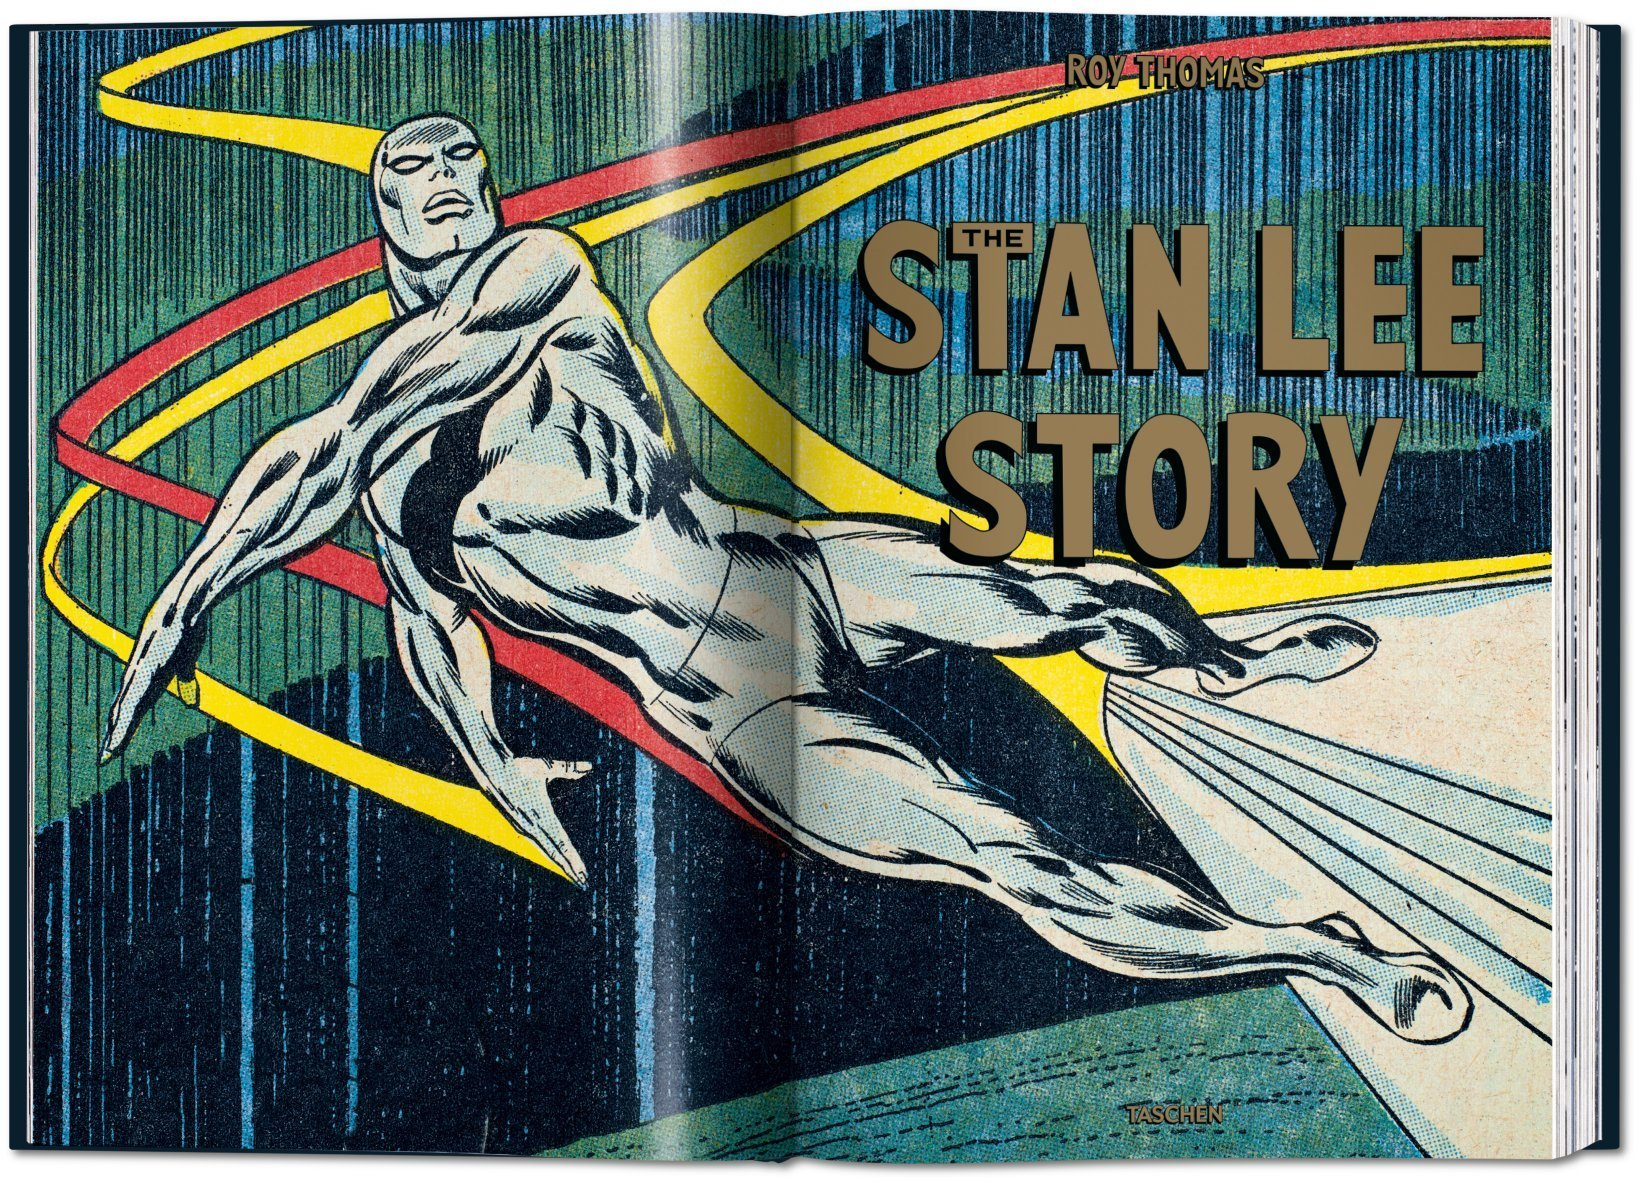 Taschen's Stan Lee Story XXL Edition